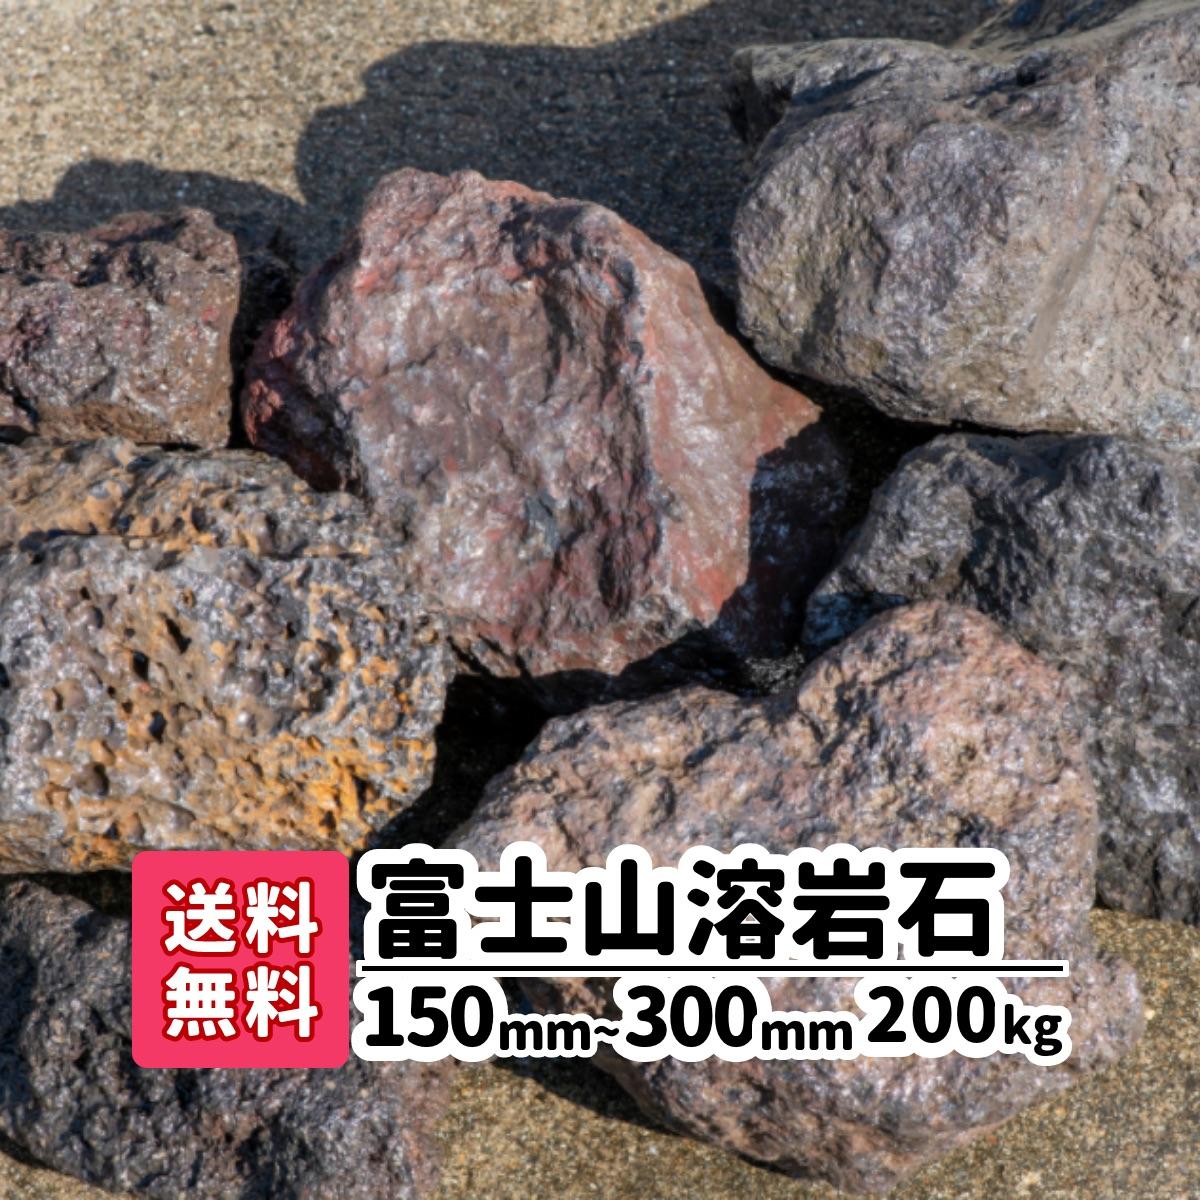 【送料無料】200kg 富士山パワー溶岩石 150mm~250mm(20kg×10)ガーデンロック 庭 アプローチ おしゃれ ガーデニング アクアリウム 溶岩石 水槽レイアウト メダカ 熱帯魚